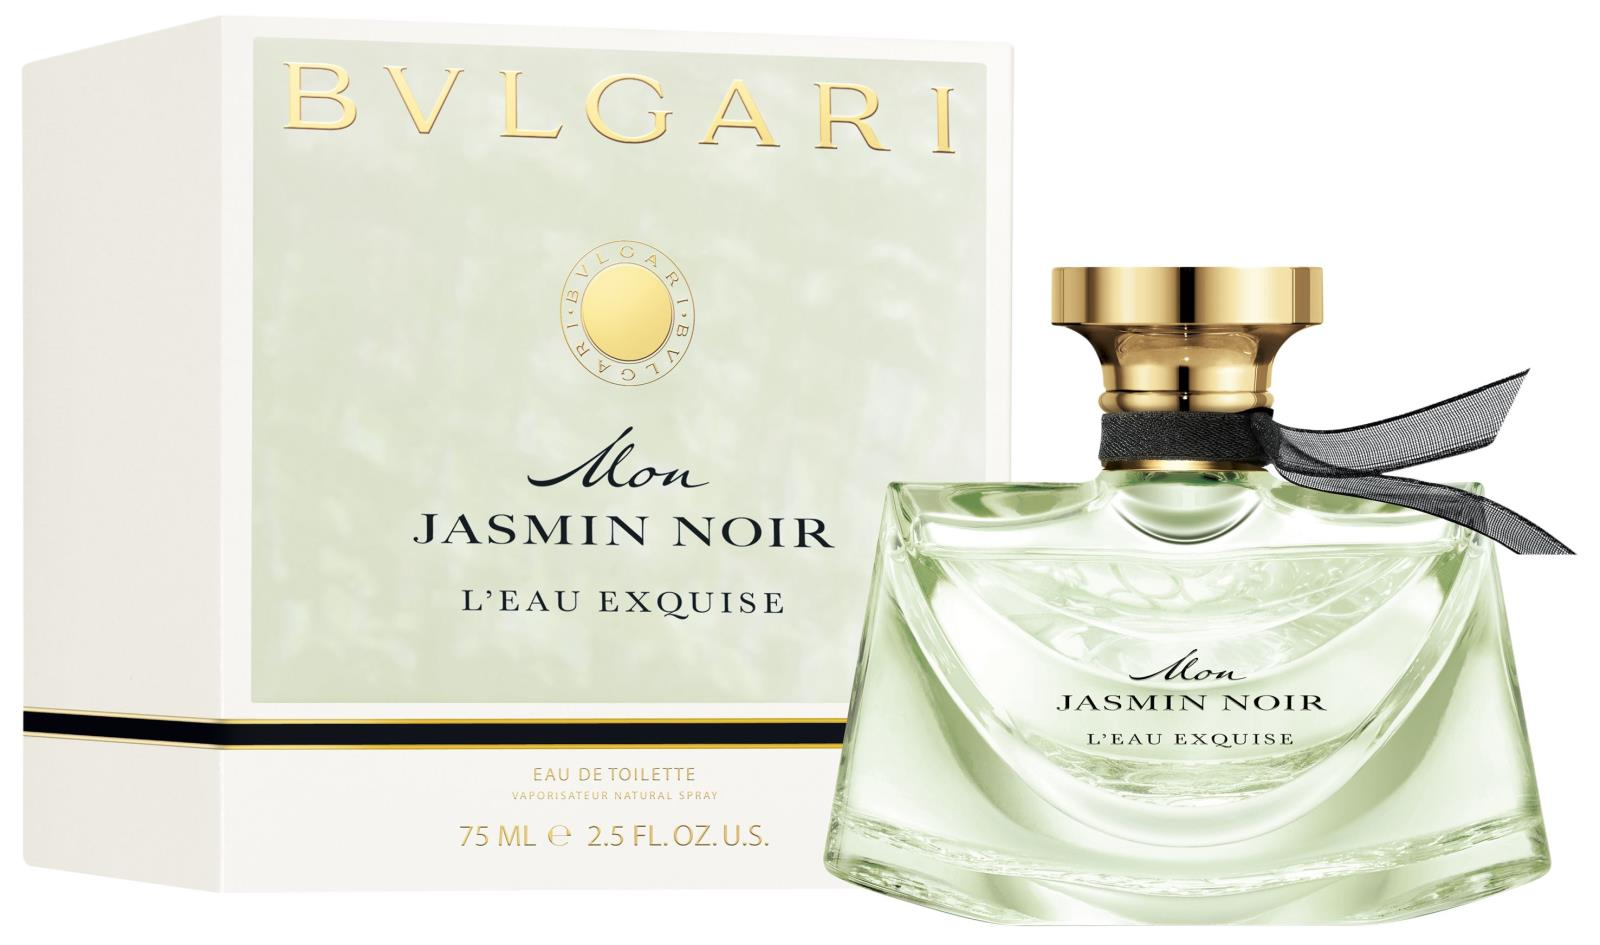 Bvlgari Mon Jasmin Noir L'Eau Exquise 75ml Smaržas sievietēm